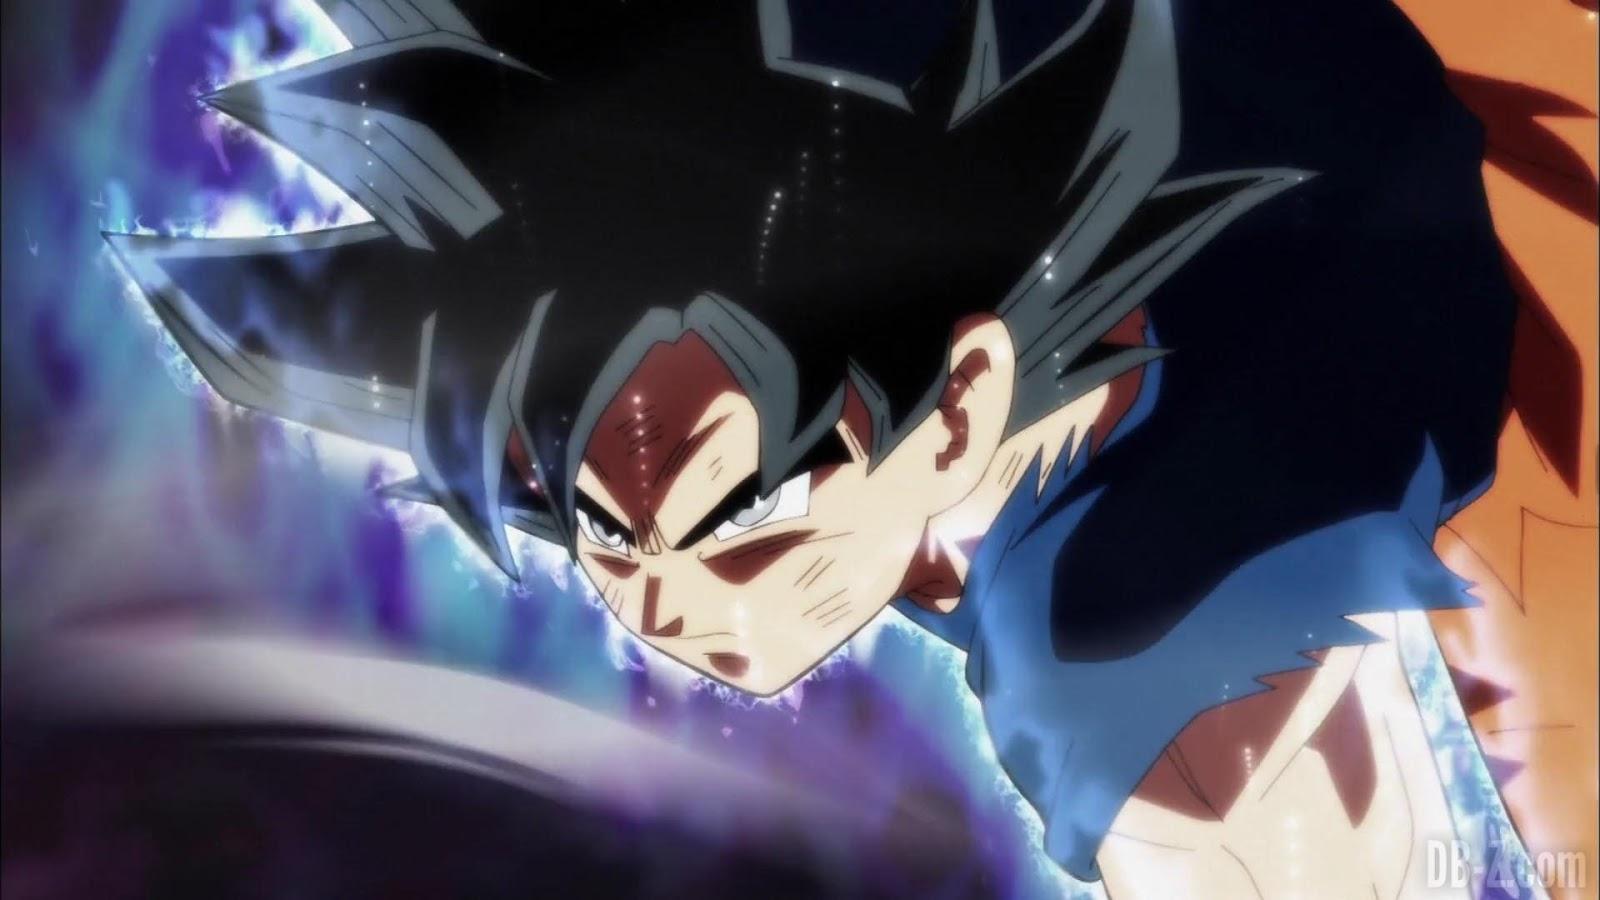 Son Goku De Dragon Ball Z Fondo De Pantalla Super Saiyan: Goku Ultra Instinto Fondos De Pantalla / Wallpaper